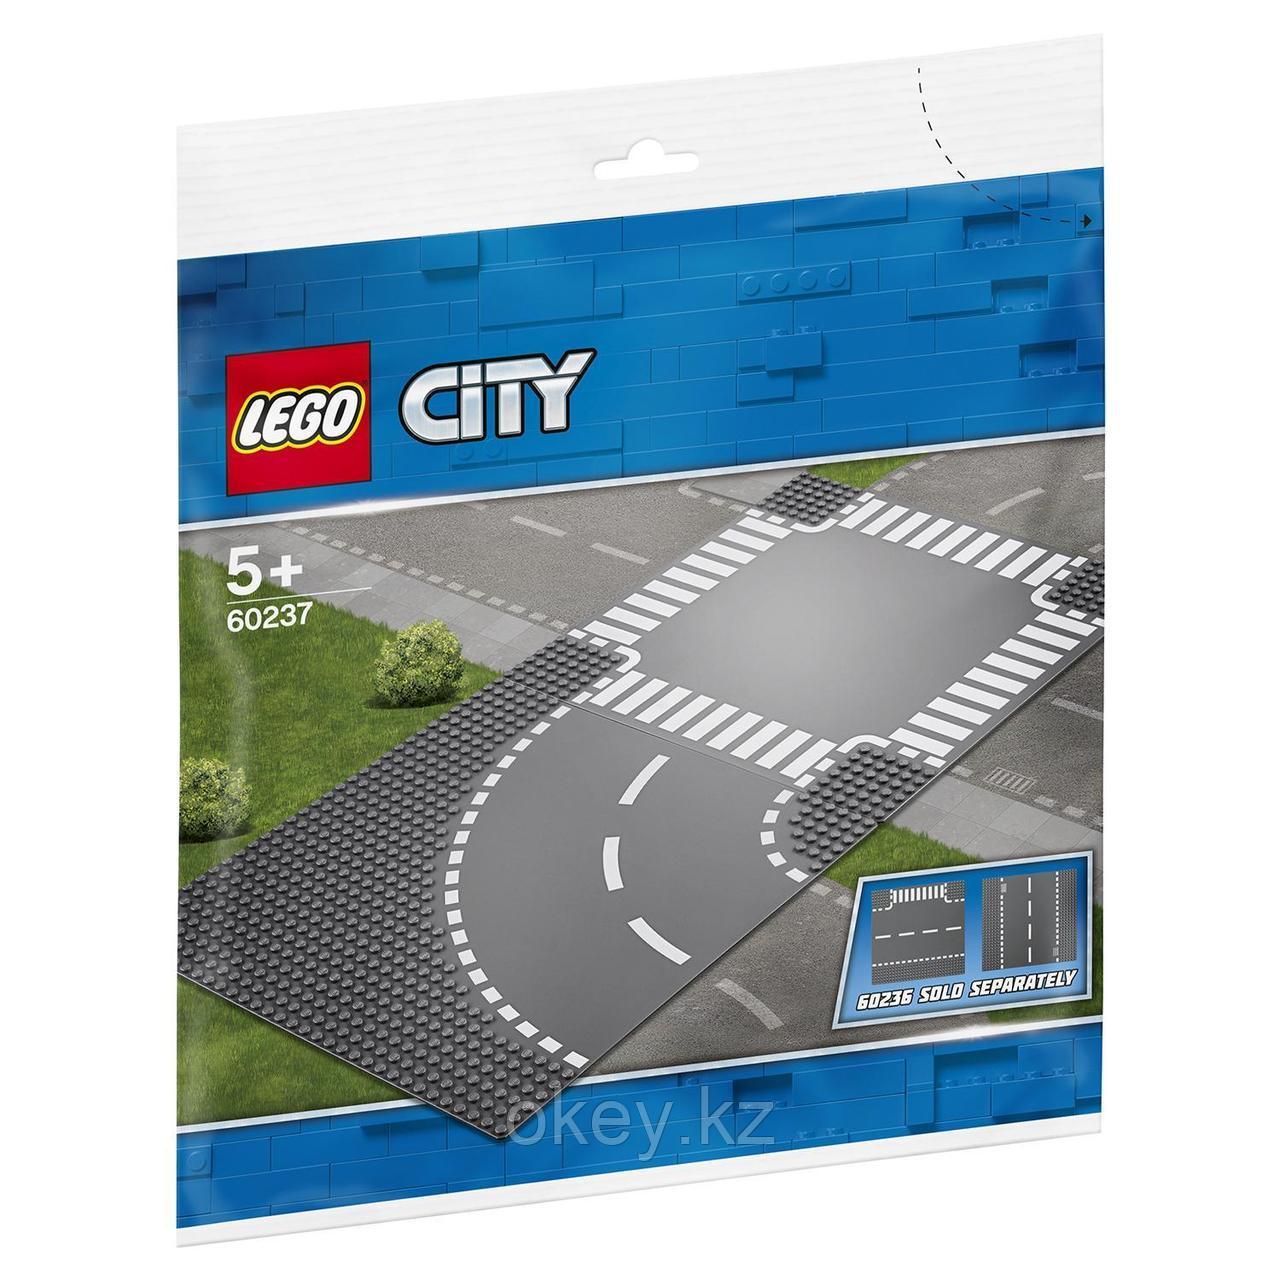 LEGO City: Поворот и перекресток 60237